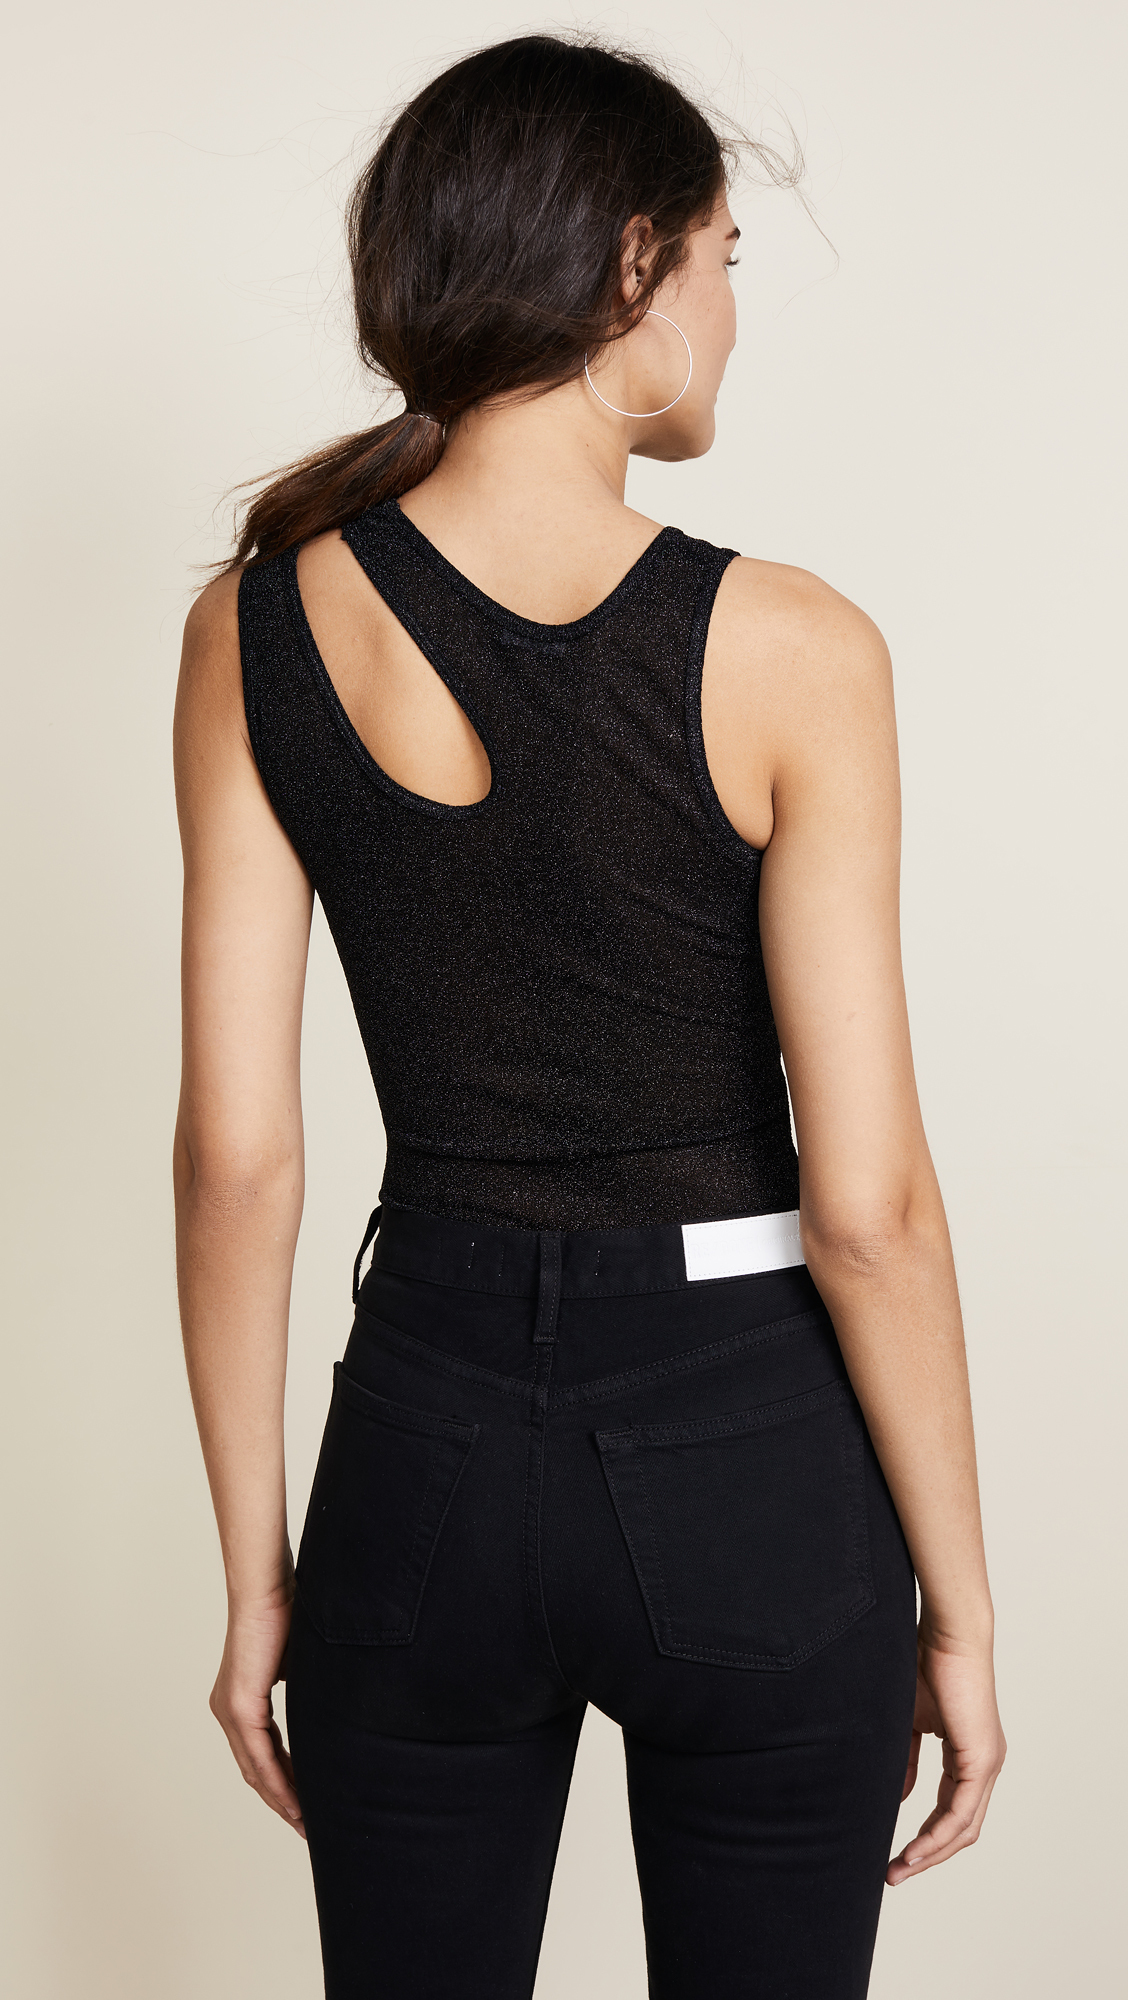 16958c9e91 Alix Astor Glitter Bodysuit